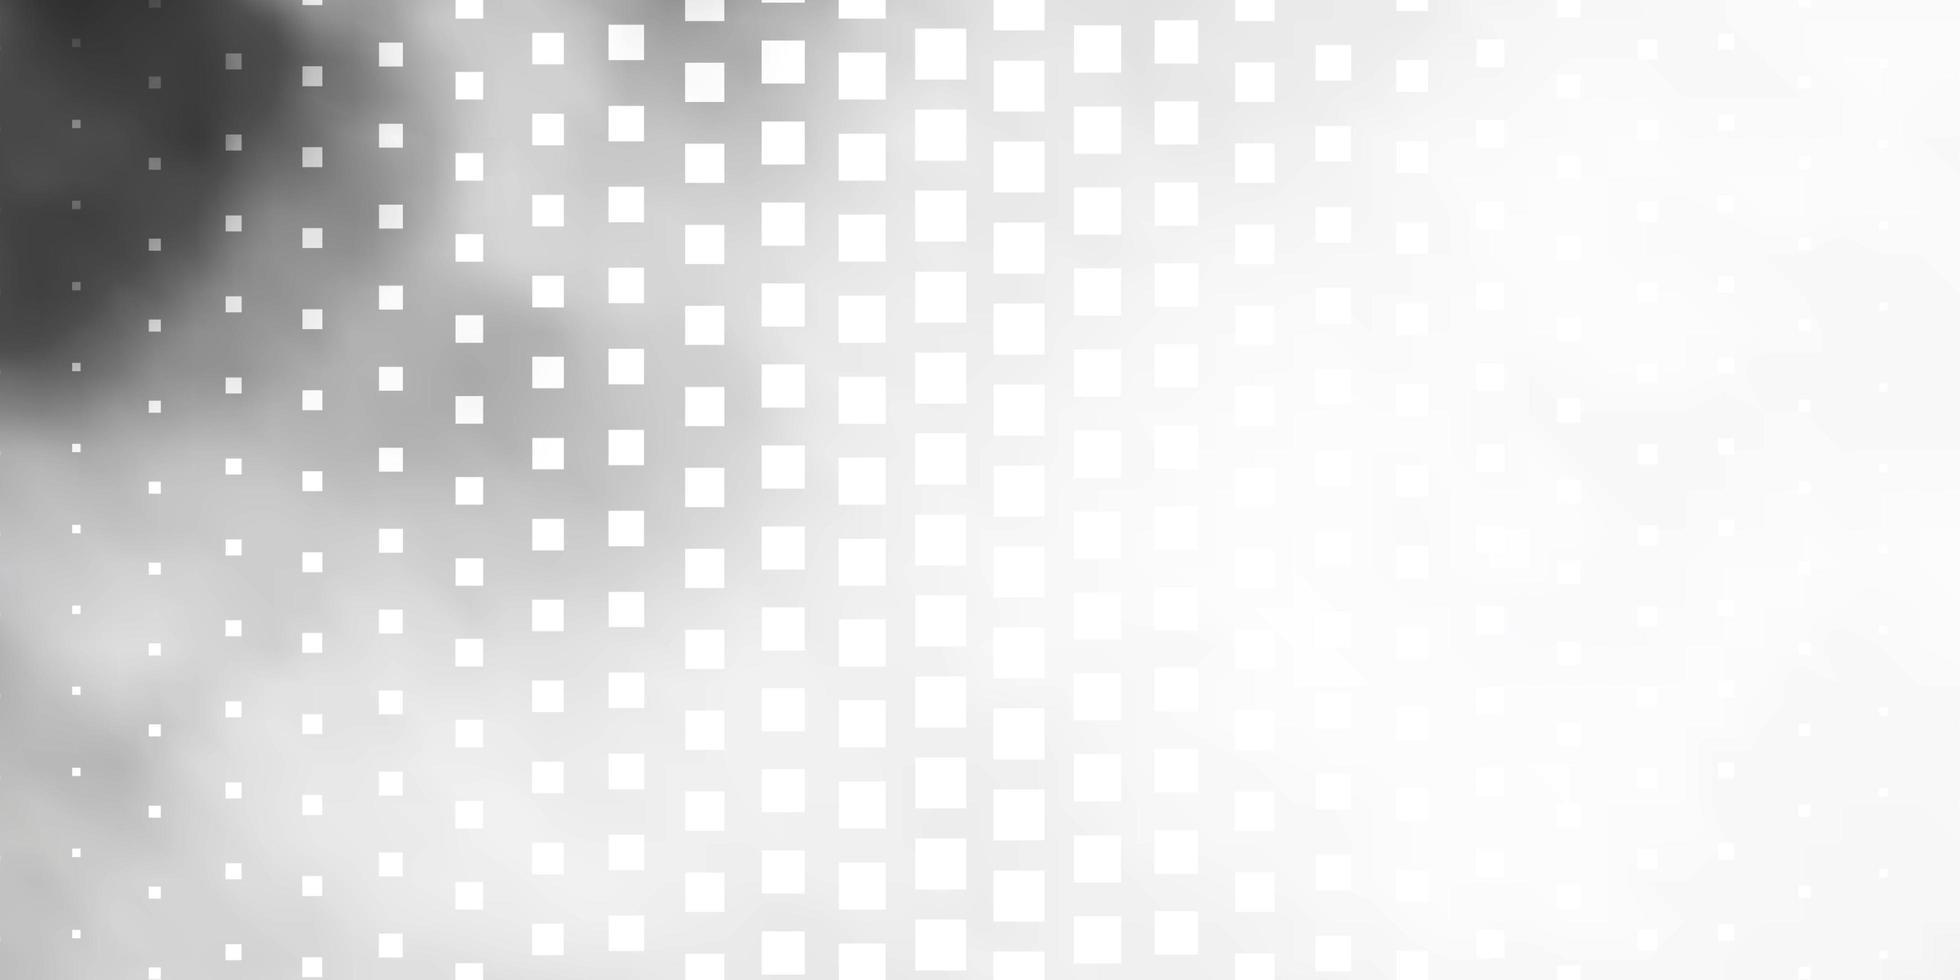 motivo grigio chiaro in stile quadrato. vettore